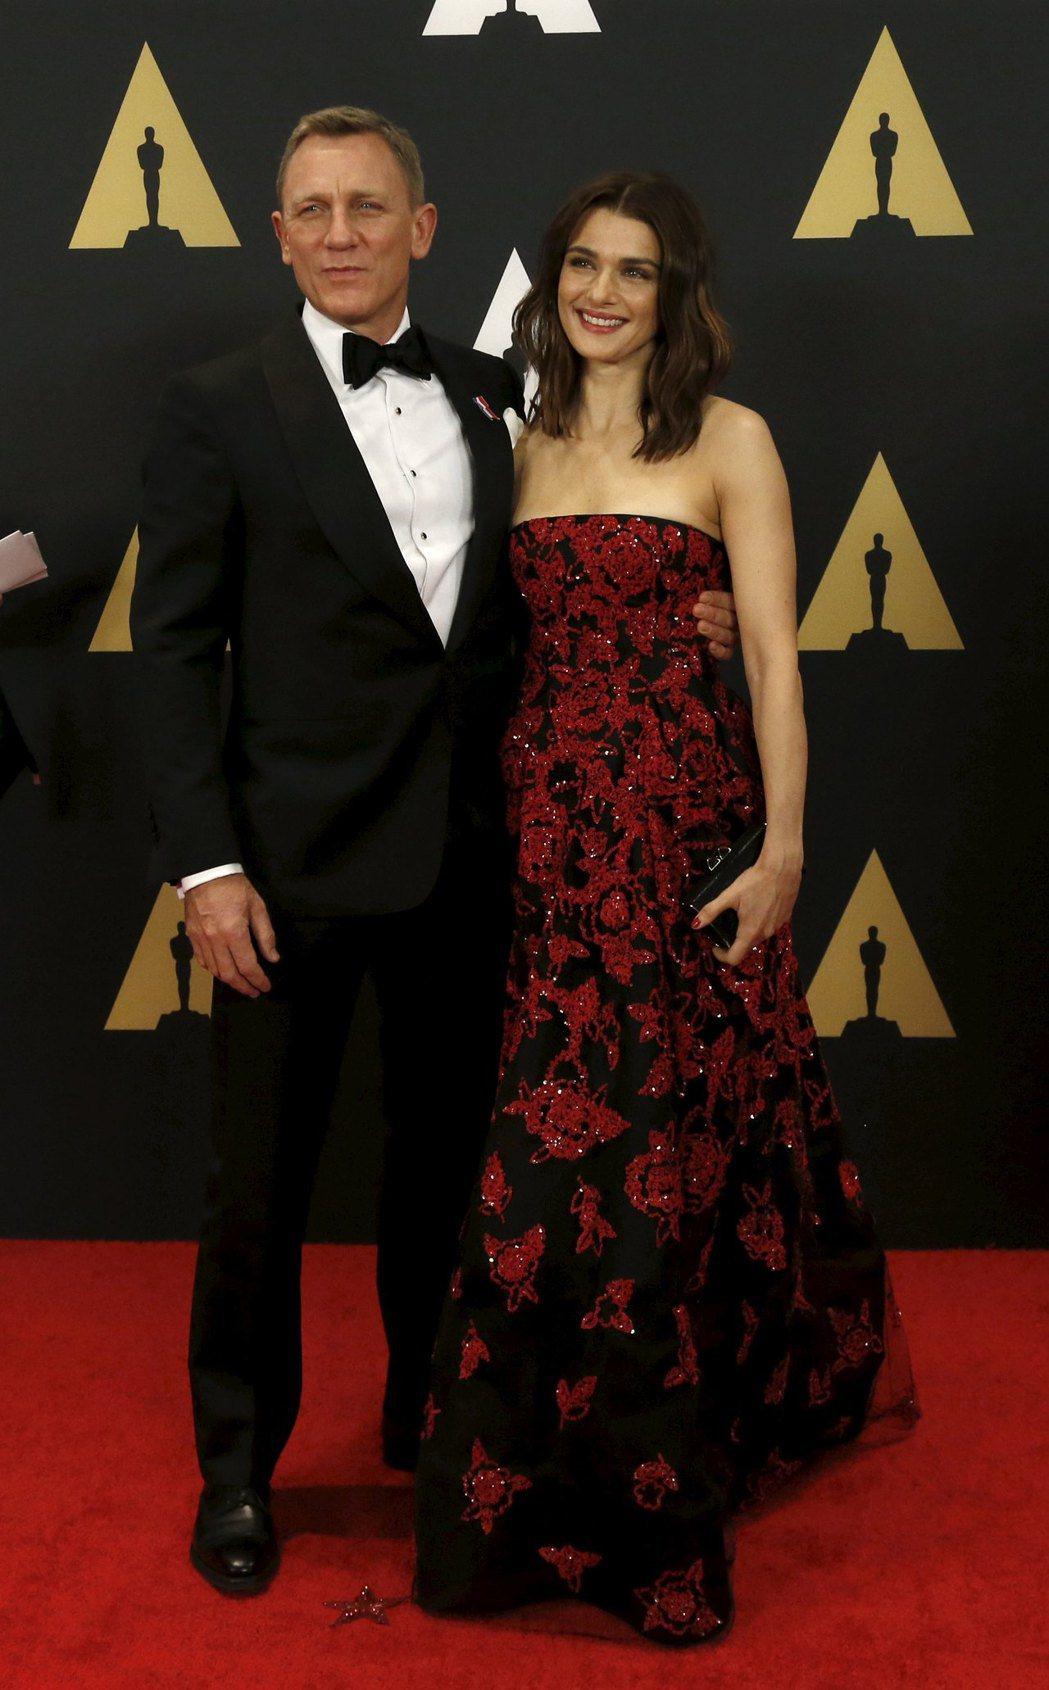 丹尼爾克雷格與瑞秋懷茲被傳婚姻危機,差一點就要分手。圖/路透資料照片